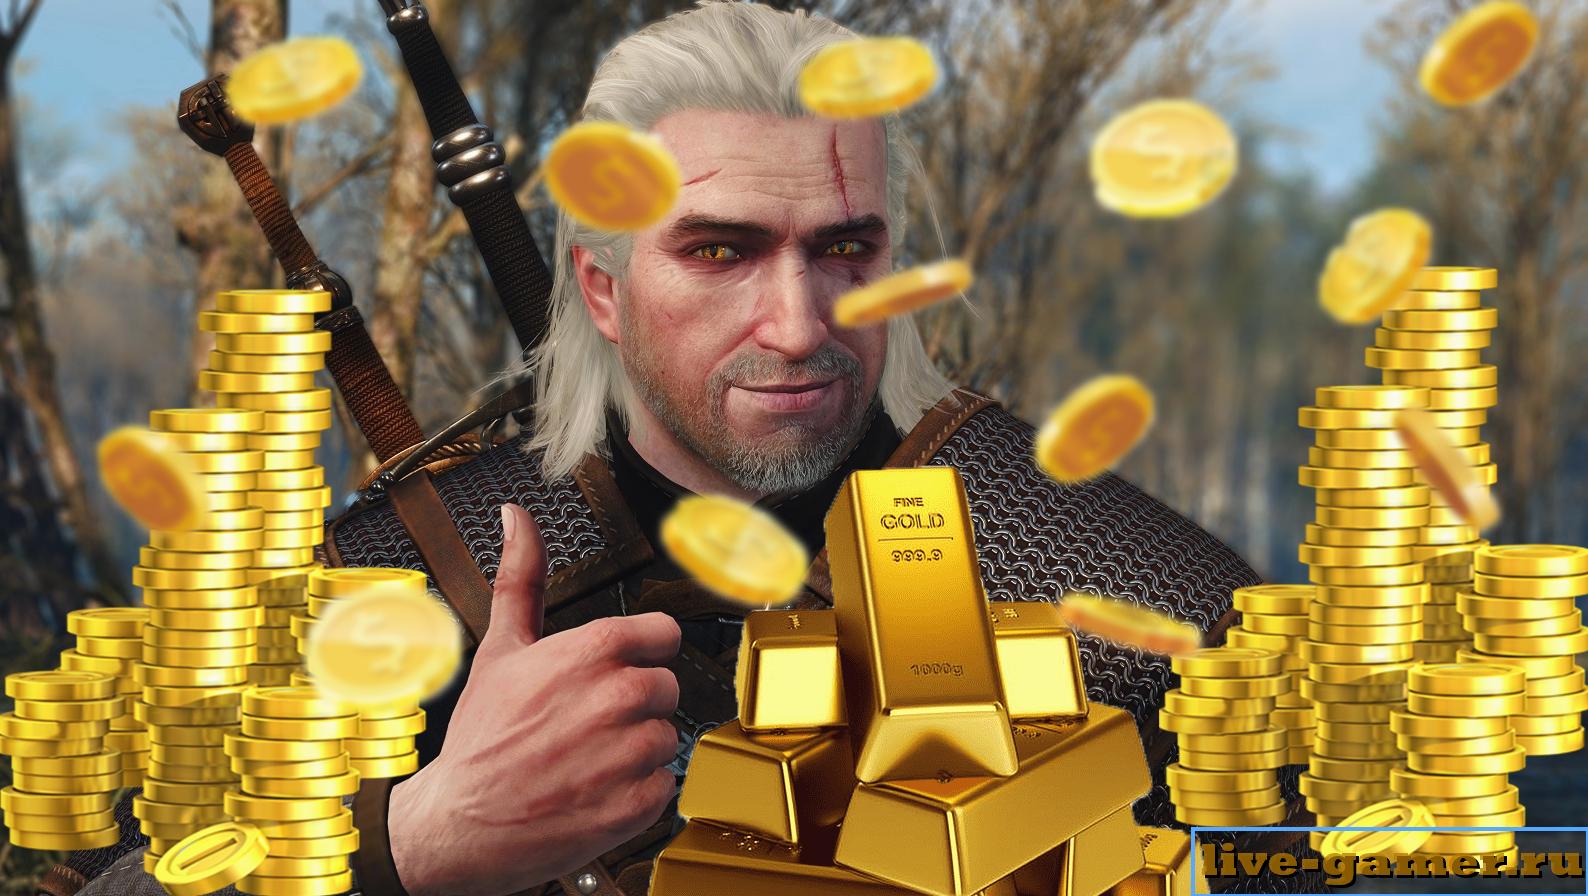 Как в Ведьмак 3 заработать много денег